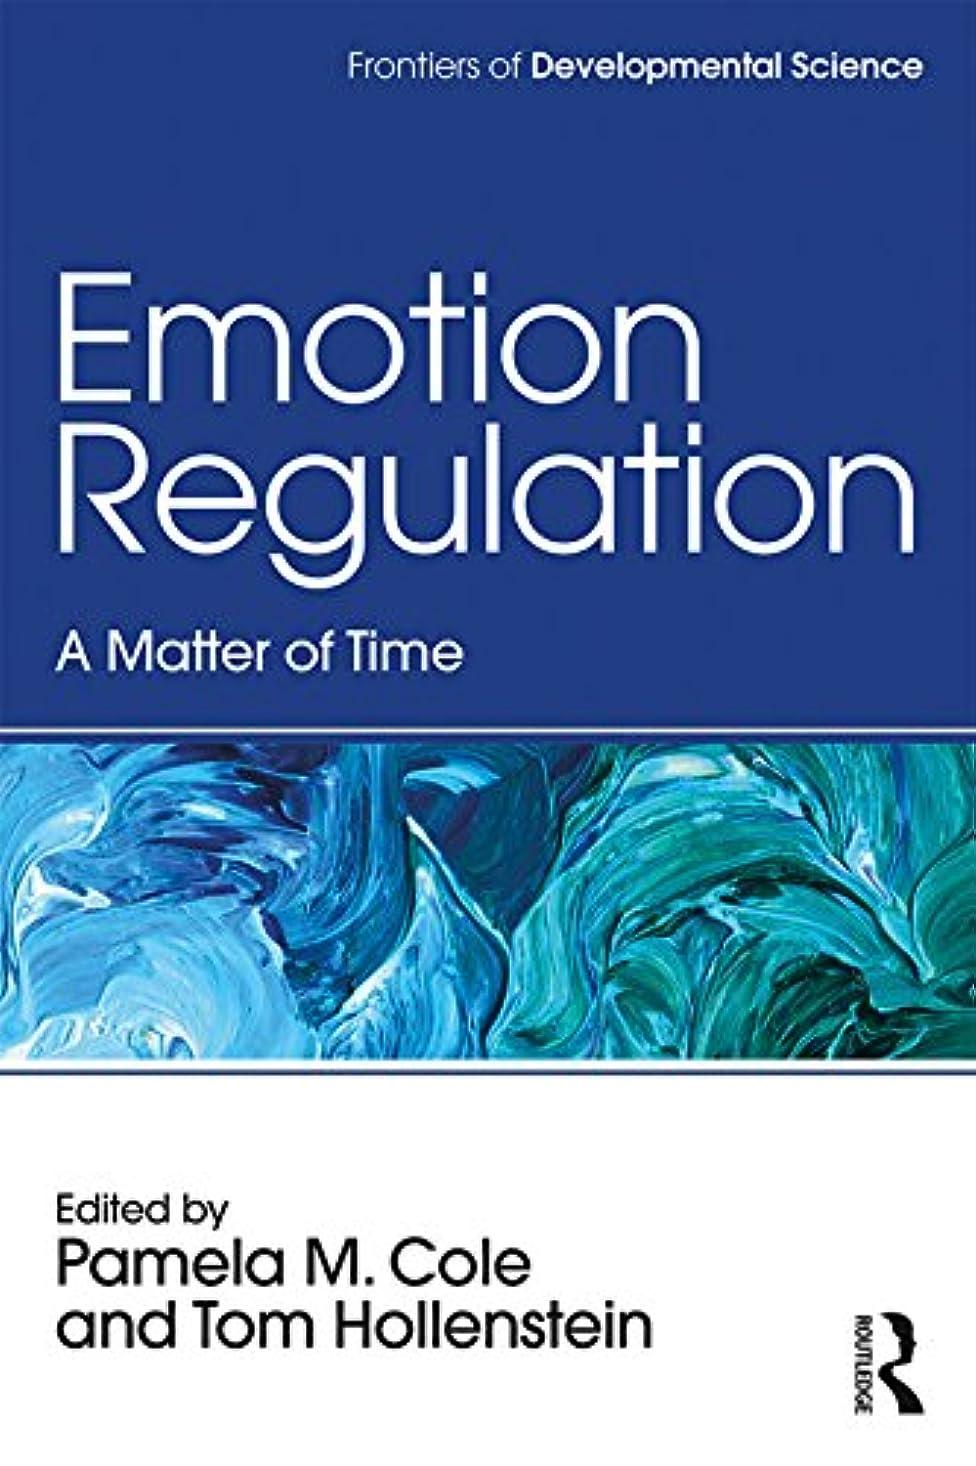 床を掃除する政権用心深いEmotion Regulation: A Matter of Time (Frontiers of Developmental Science) (English Edition)